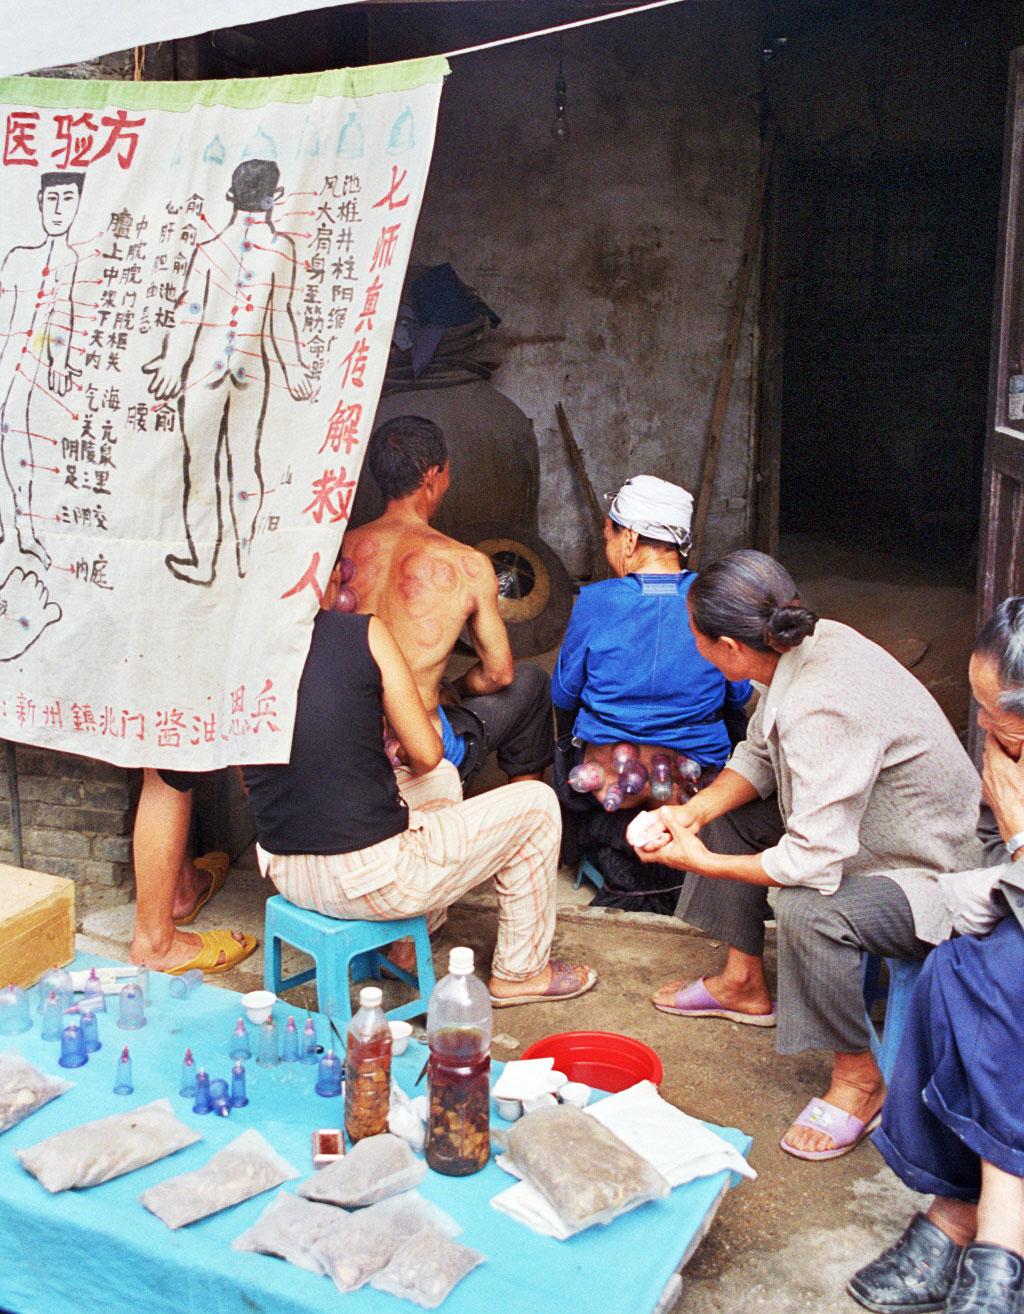 cupping Chong'an Market Chong'an Market 重按市场: Guizhou 贵州省